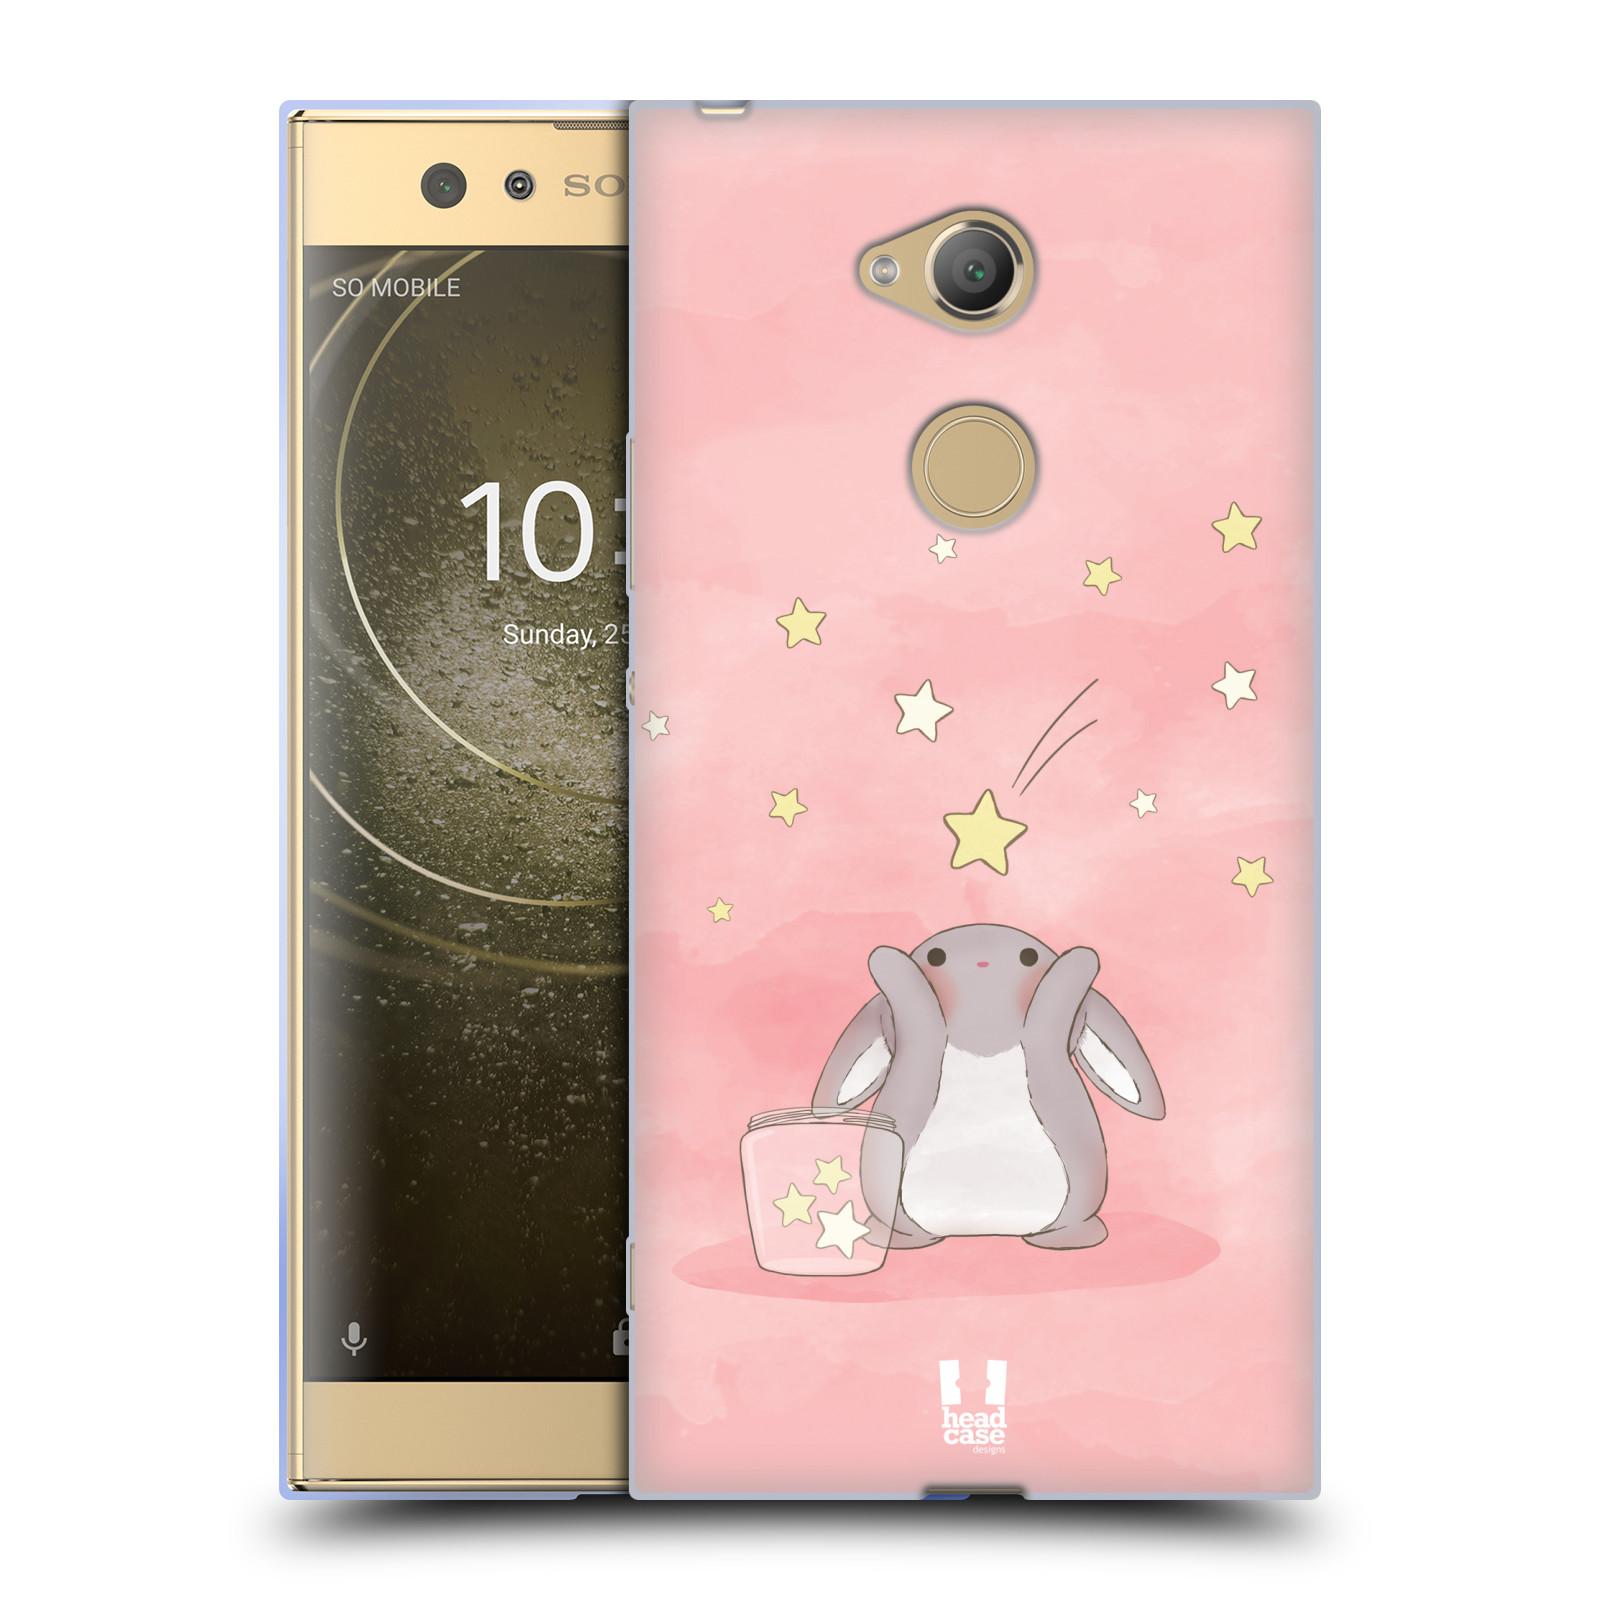 Pouzdro na mobil Sony Xperia XA2 Ultra vzor králíček a hvězdy růžová